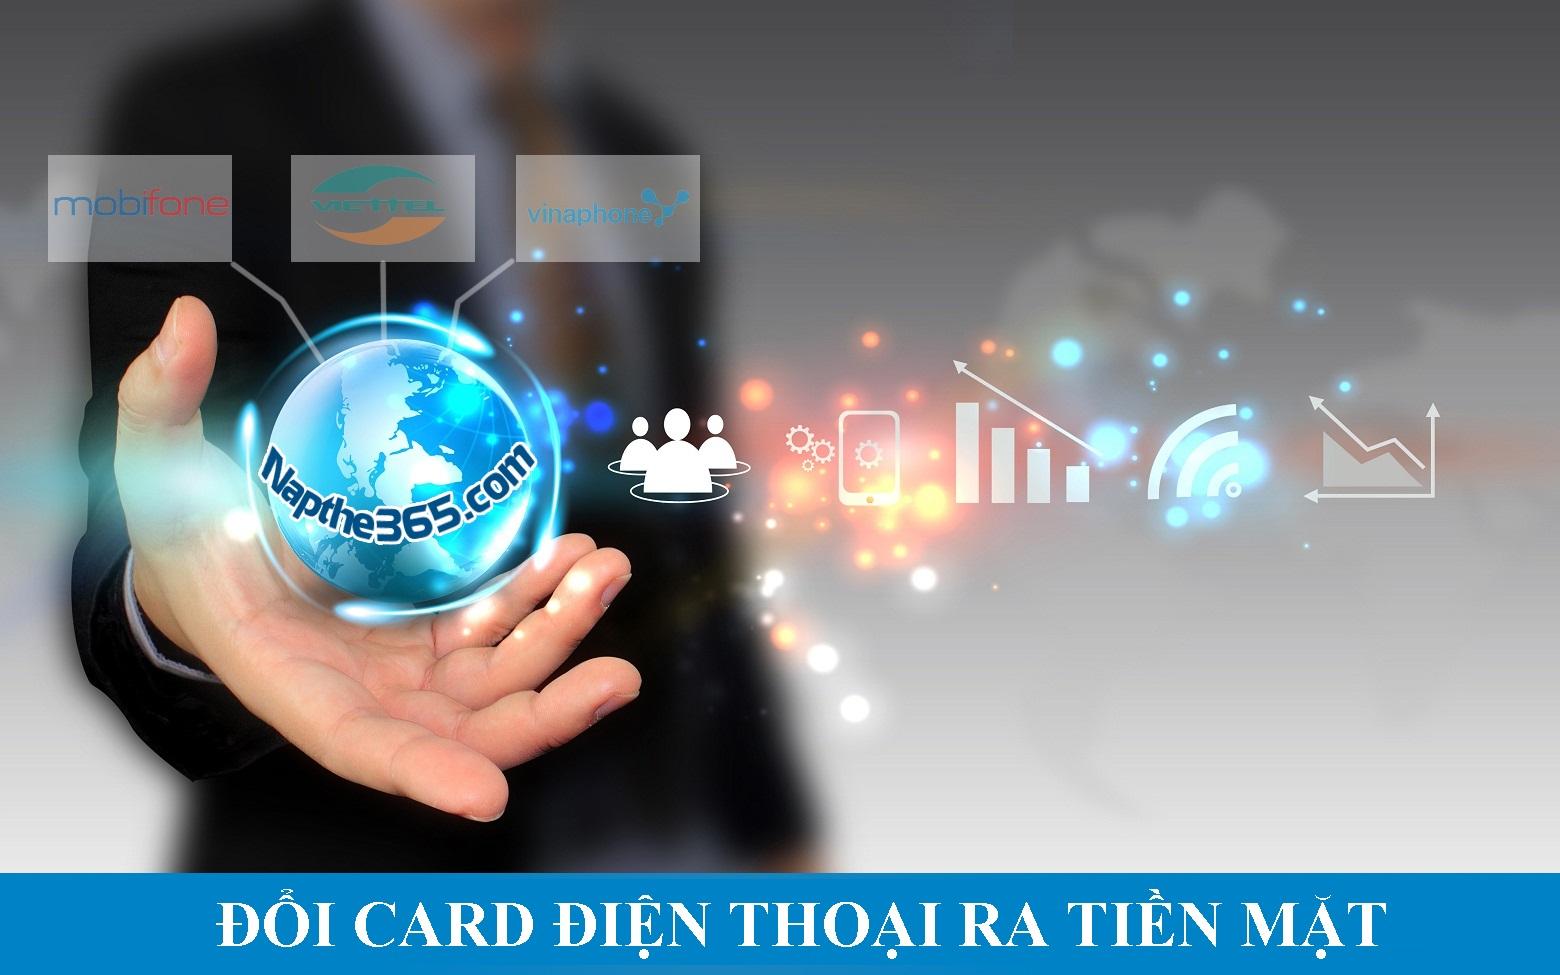 Công dụng card điện thoại và quy trình đổi card ra tiền bạn đã biết hay chưa?